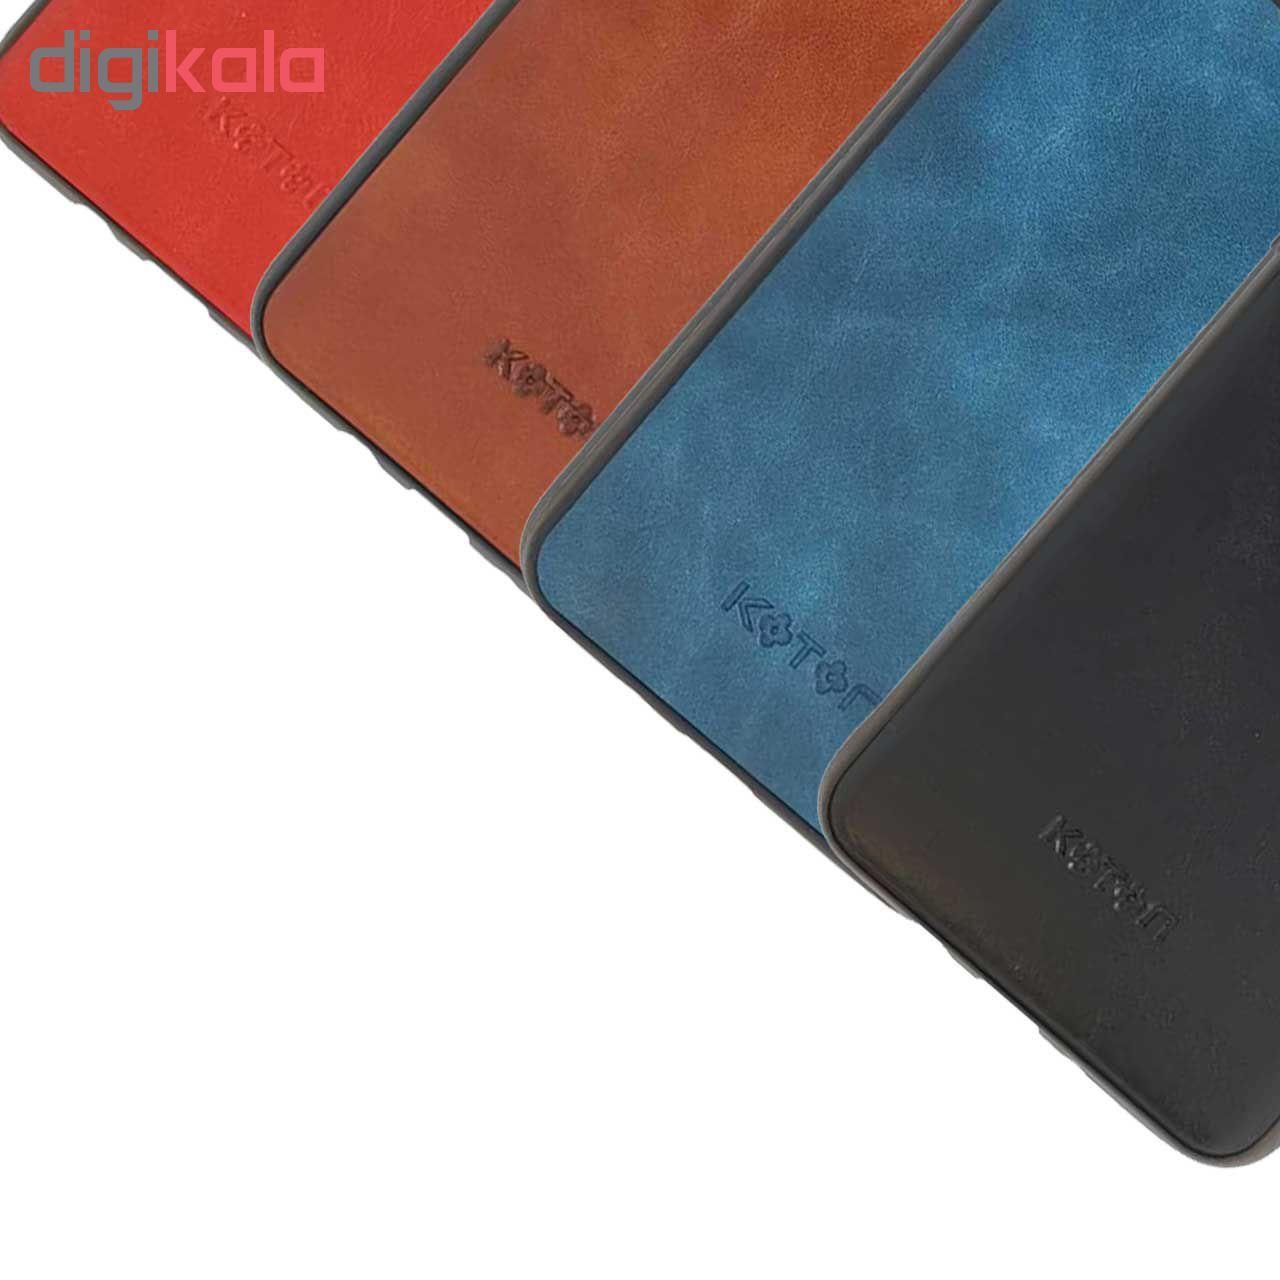 کاور ایبیزا  مدل K-25 مناسب برای گوشی موبایل سامسونگ Galaxy J7 Core main 1 5